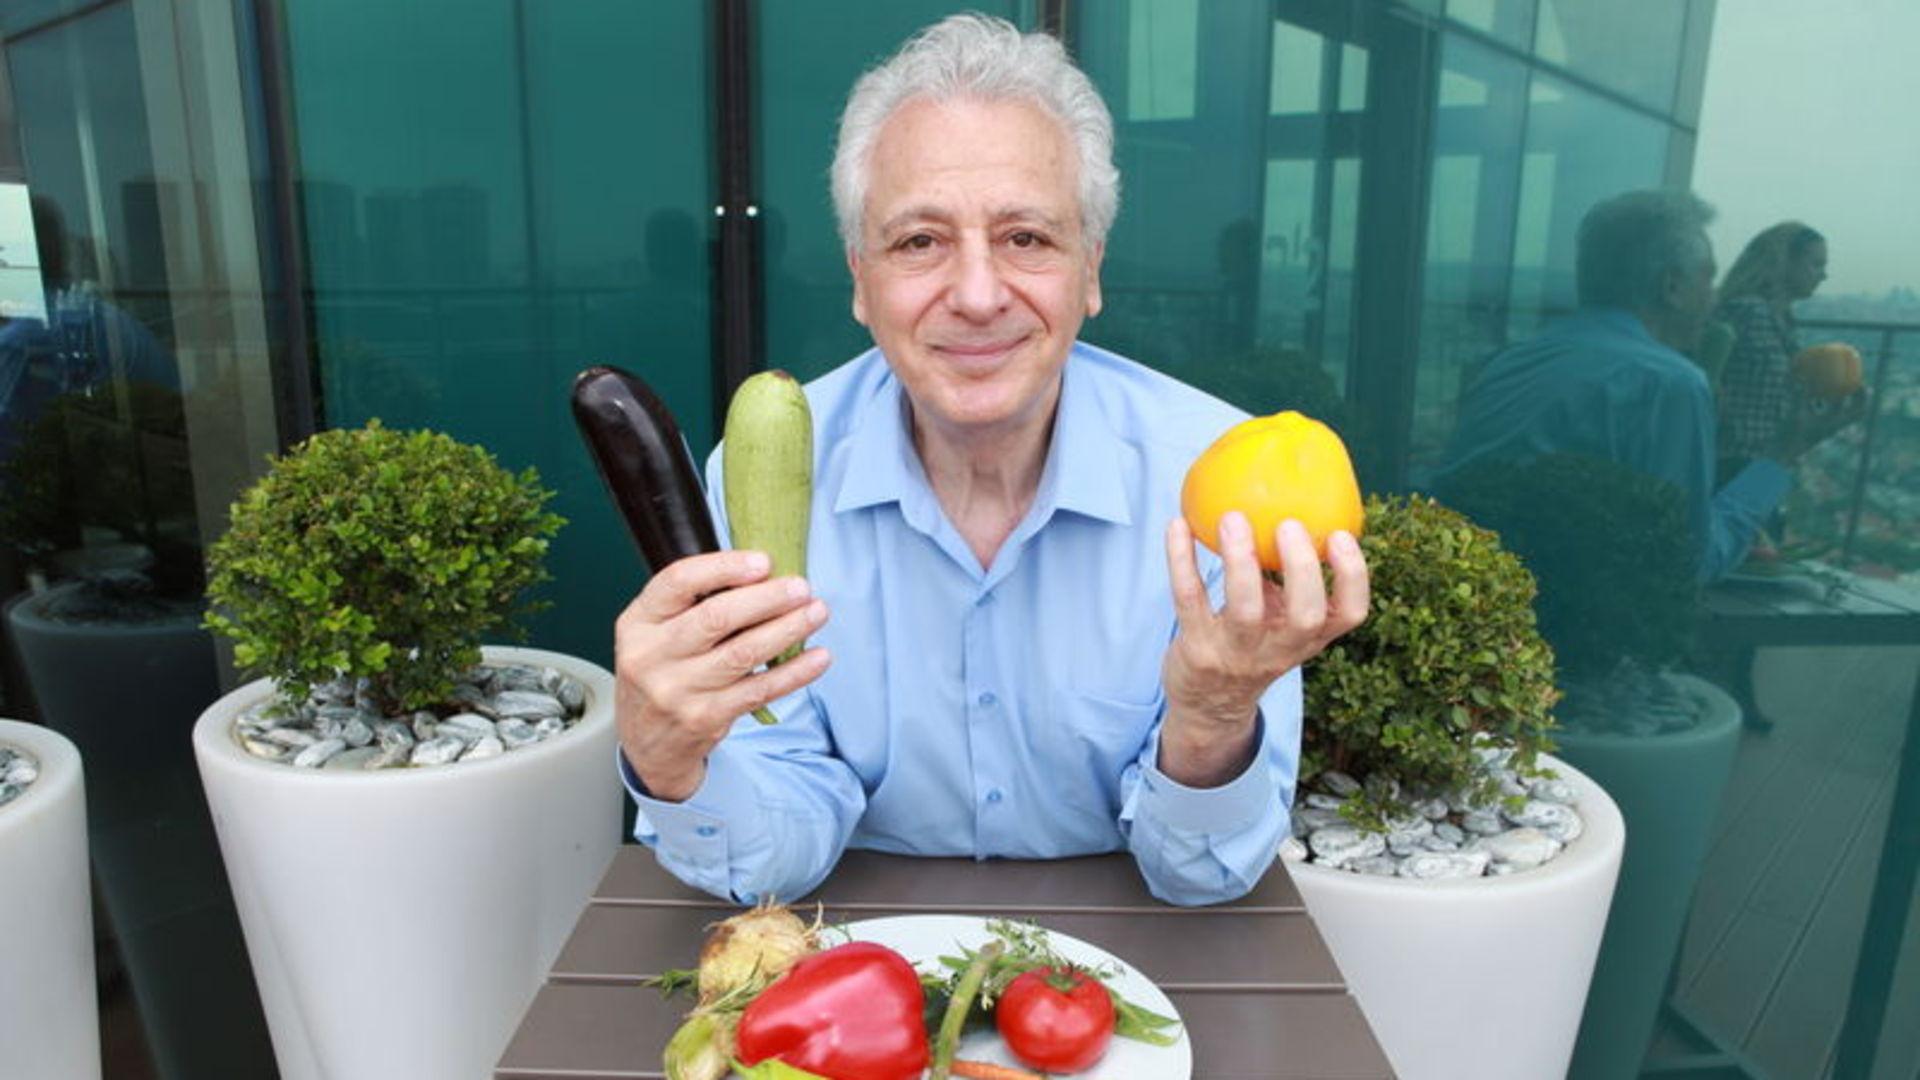 oksitadif stres de beslenmenin onemi - Oksitadif Stres de Beslenmenin Önemi?